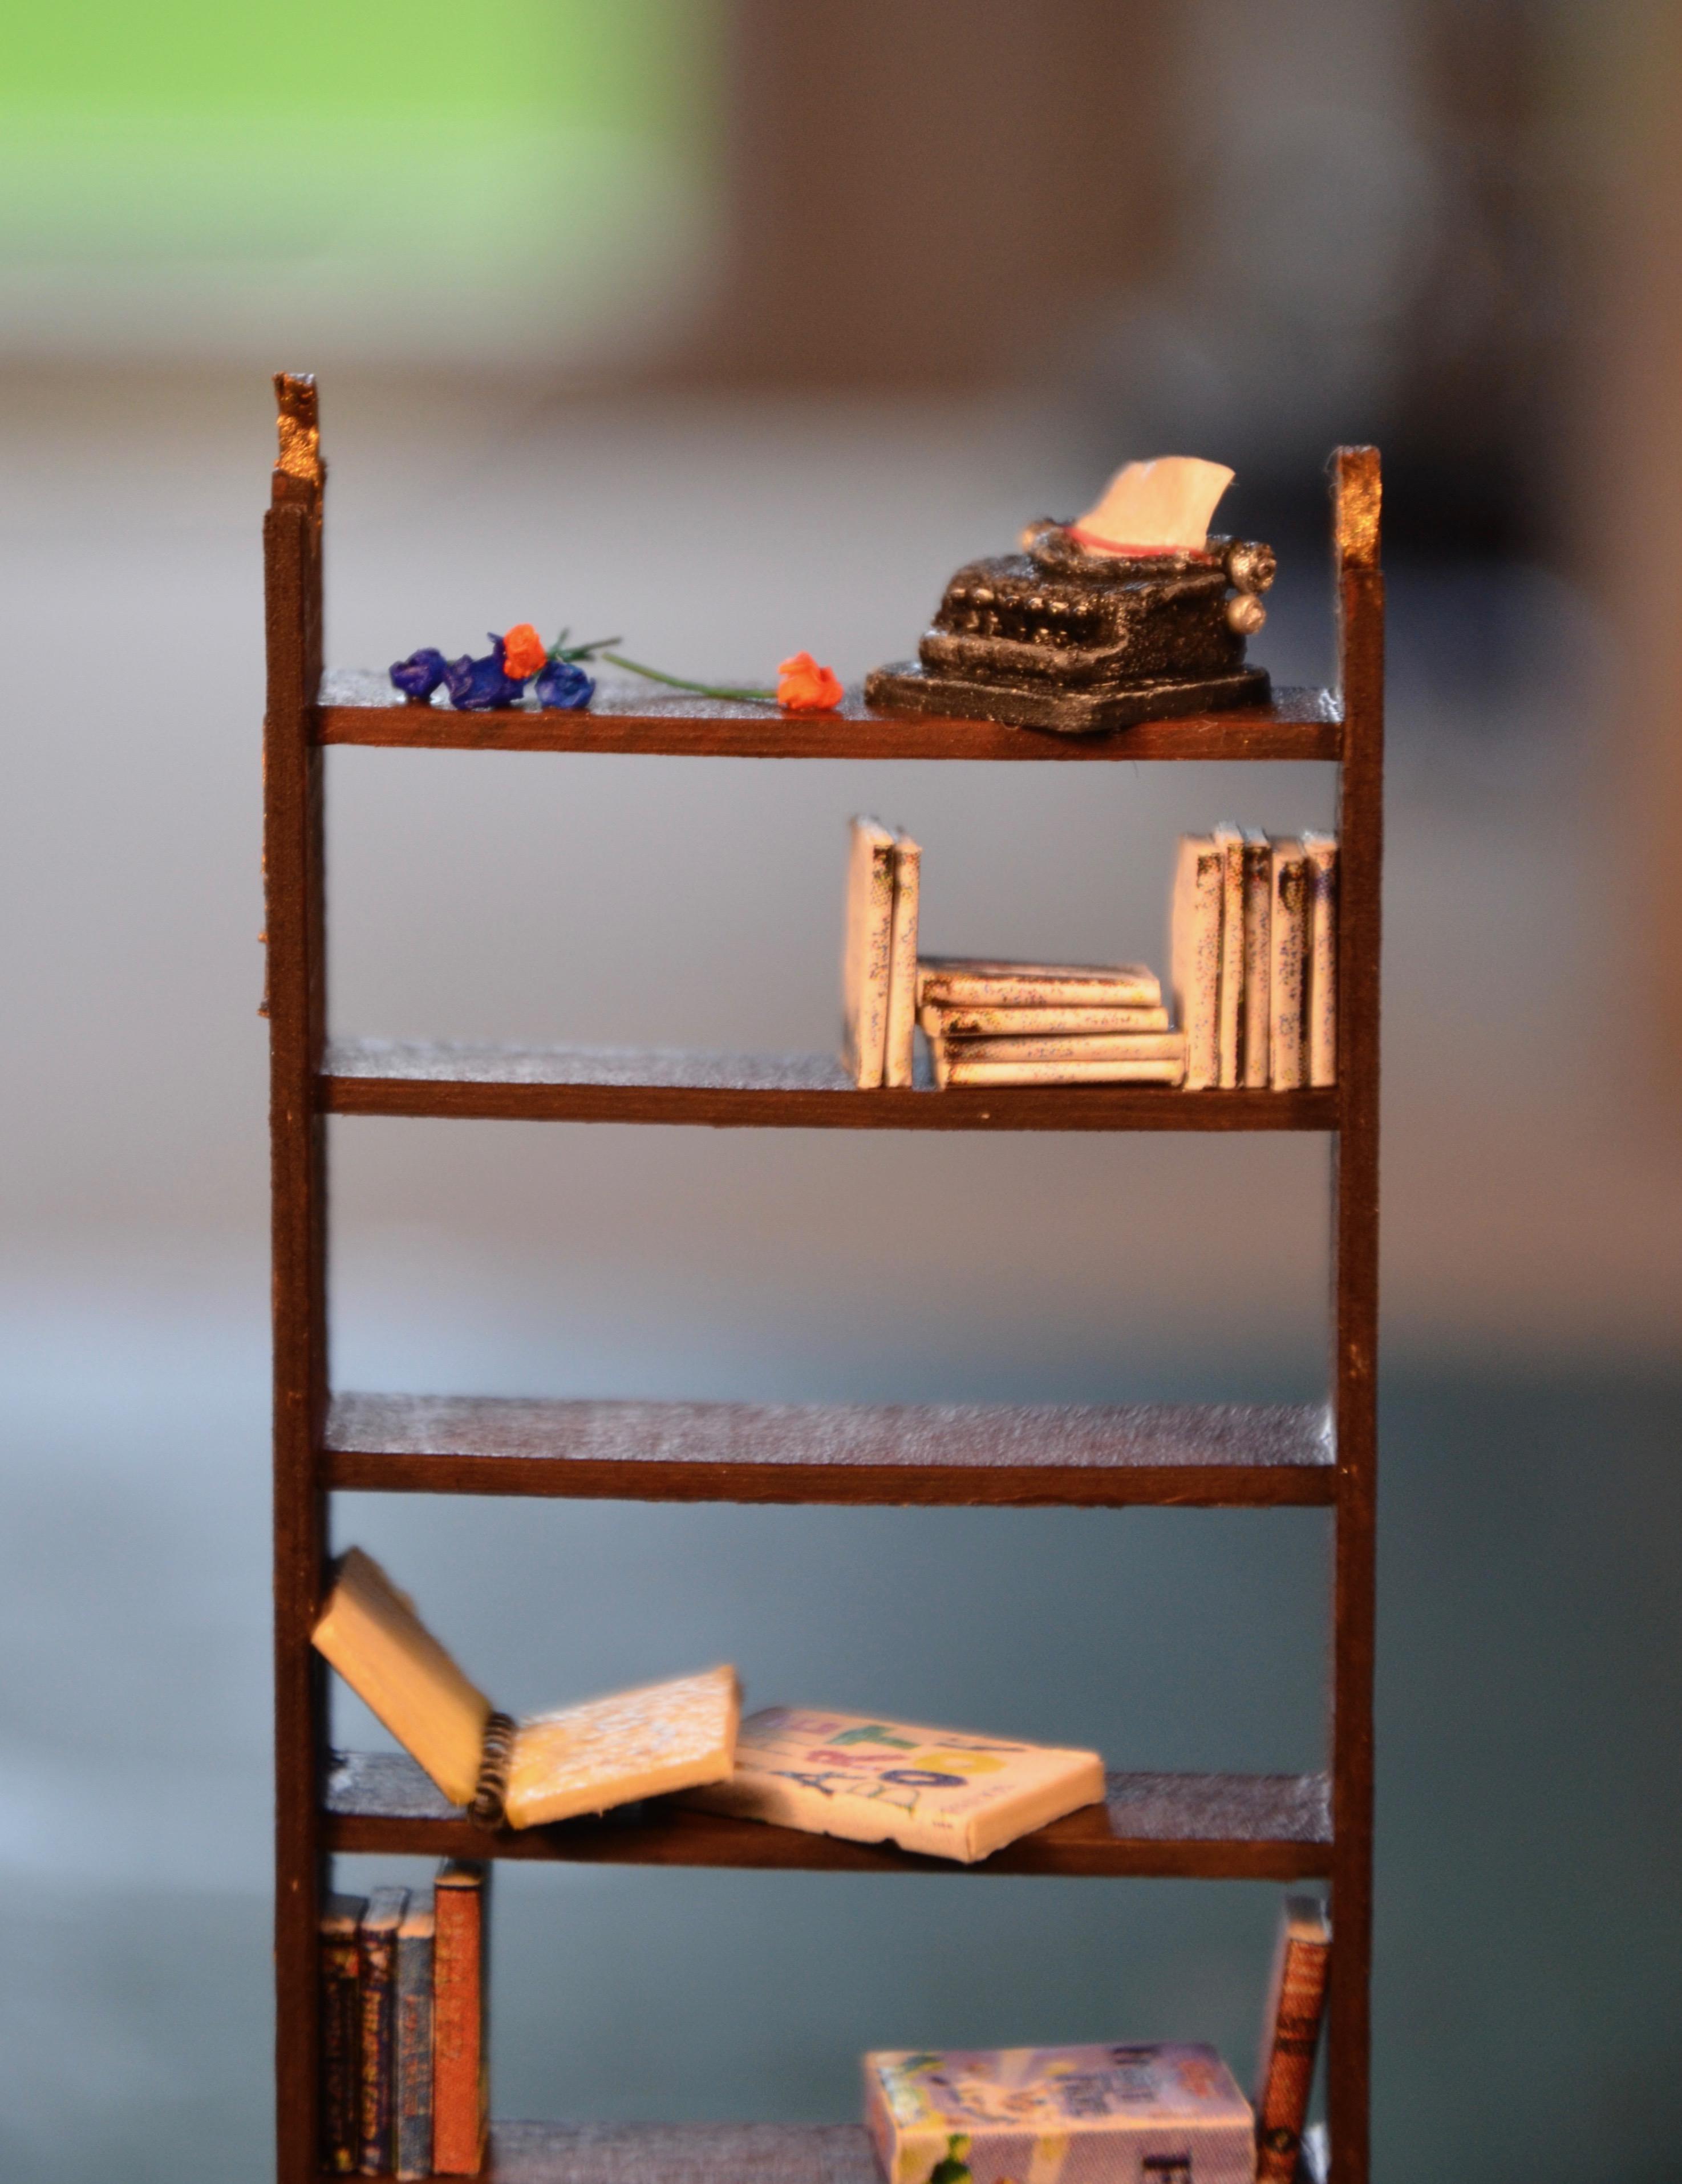 1:25 bookcase